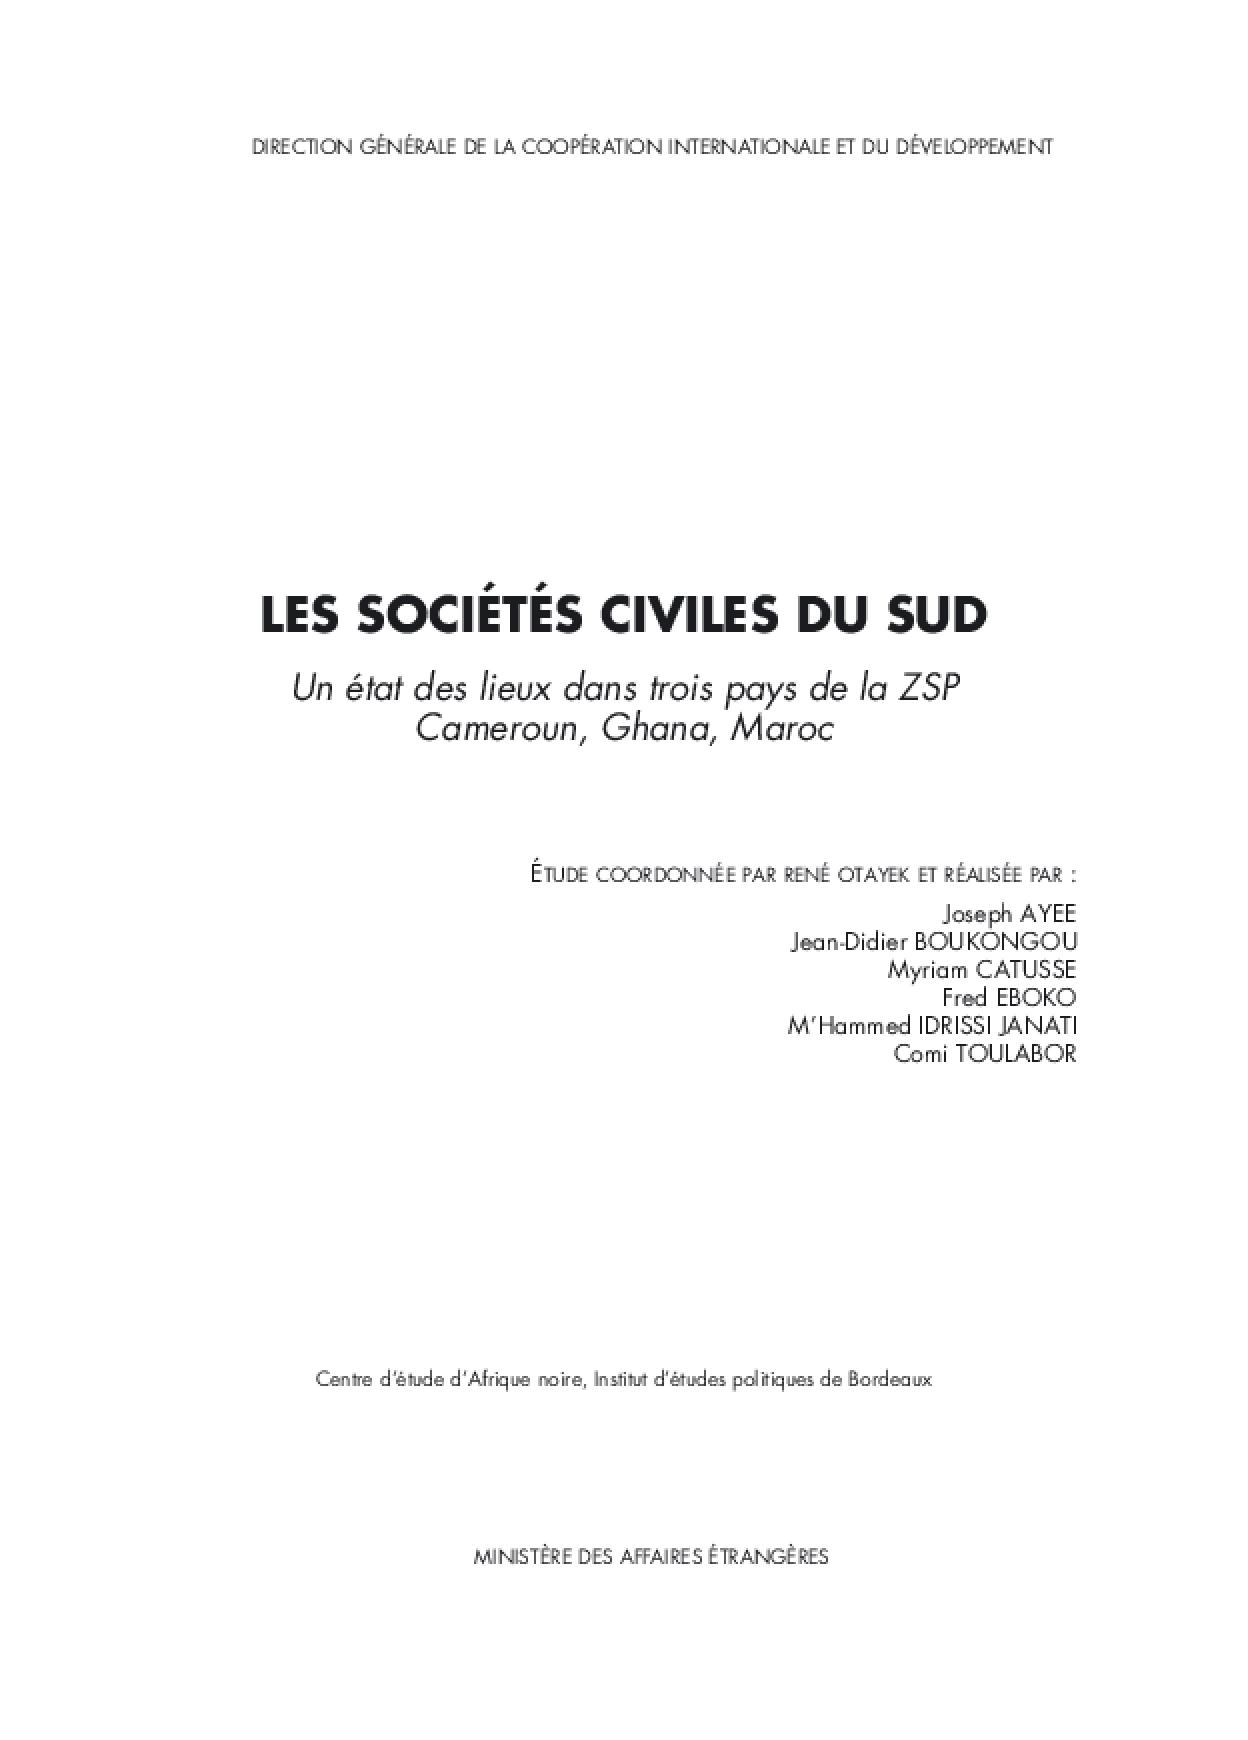 Les Sociétés Civiles du Sud: Un état des Lieux Dans Trois Pays de la Zsp, Cameroun, Ghana, Maroc